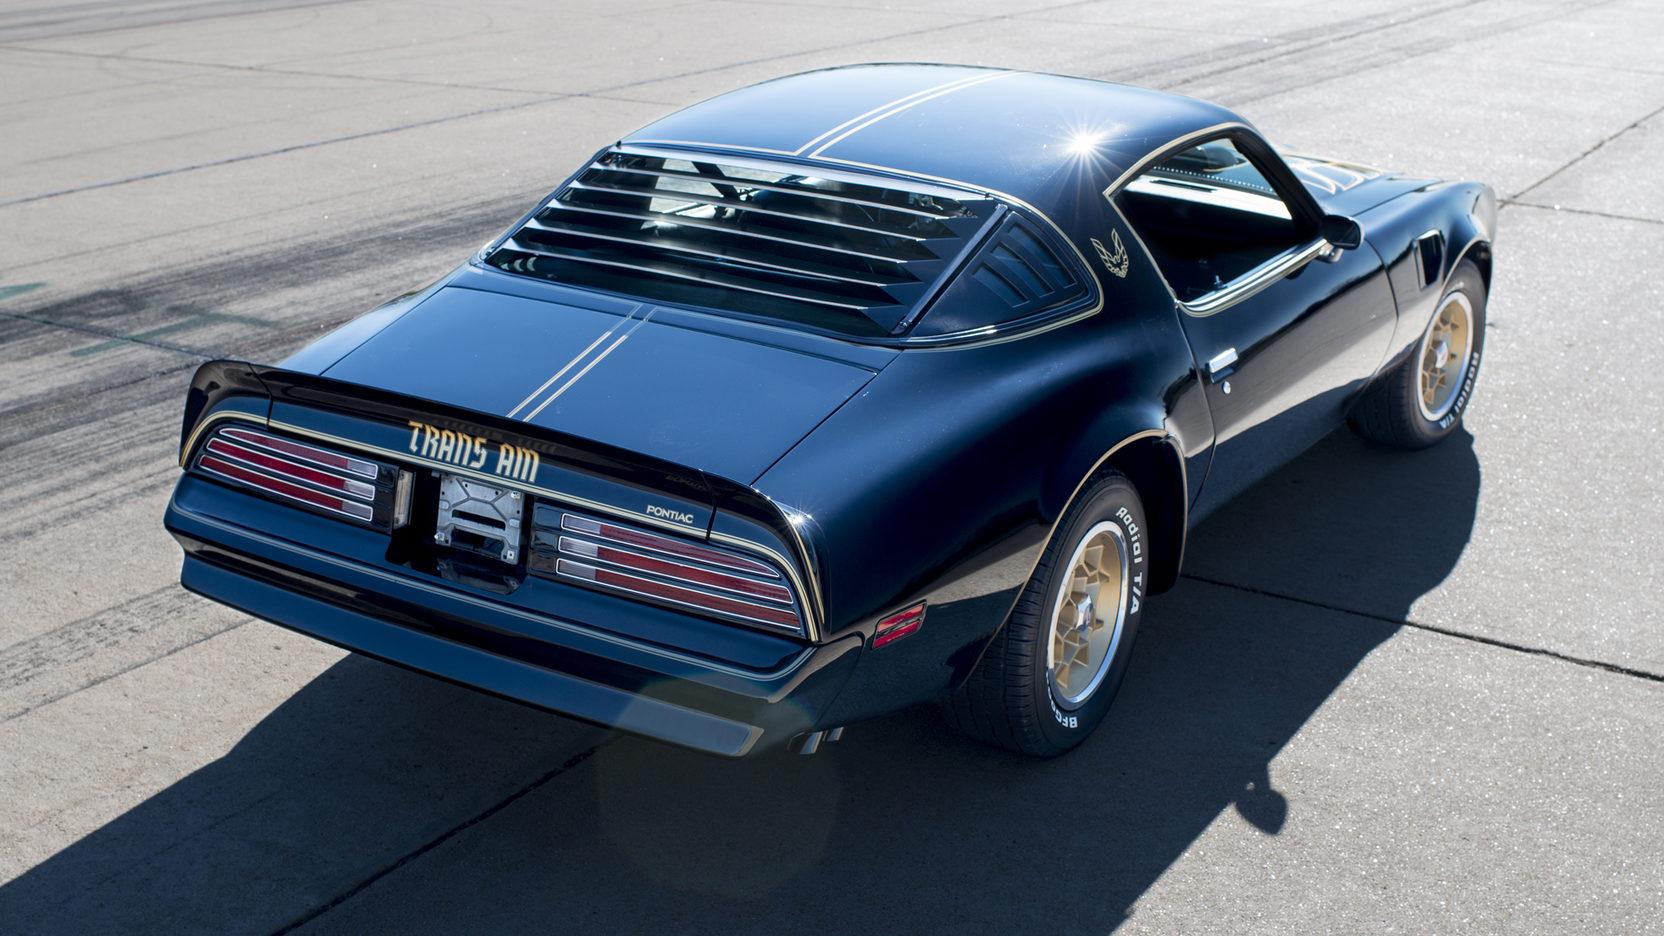 1976 Pontiac Firebird Trans Am 3/4 rear high